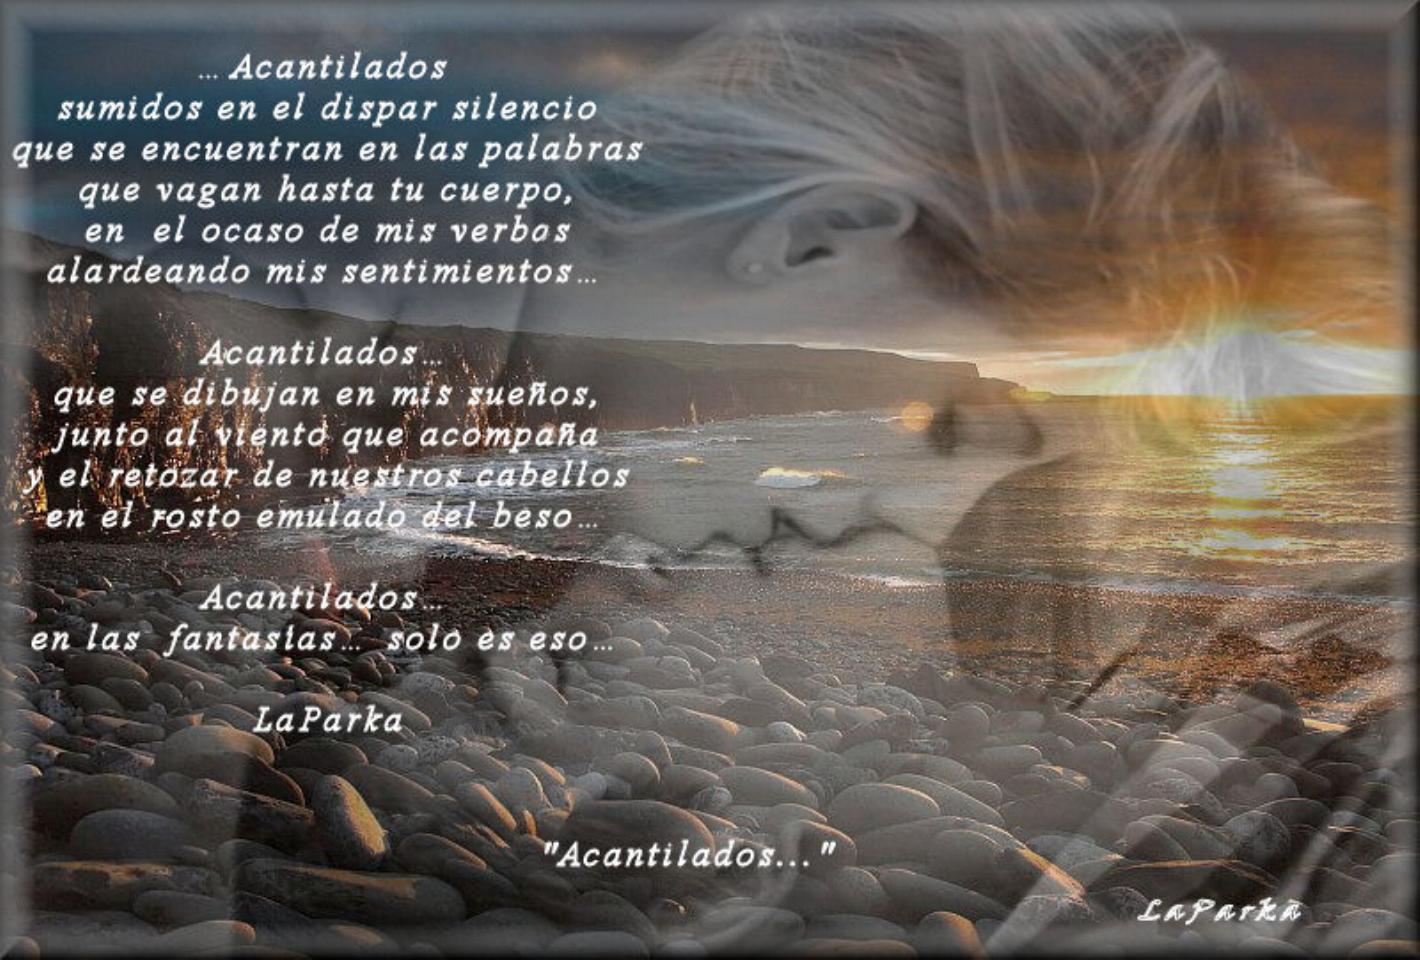 Poemas con imagenes Laparka-019-acantilados